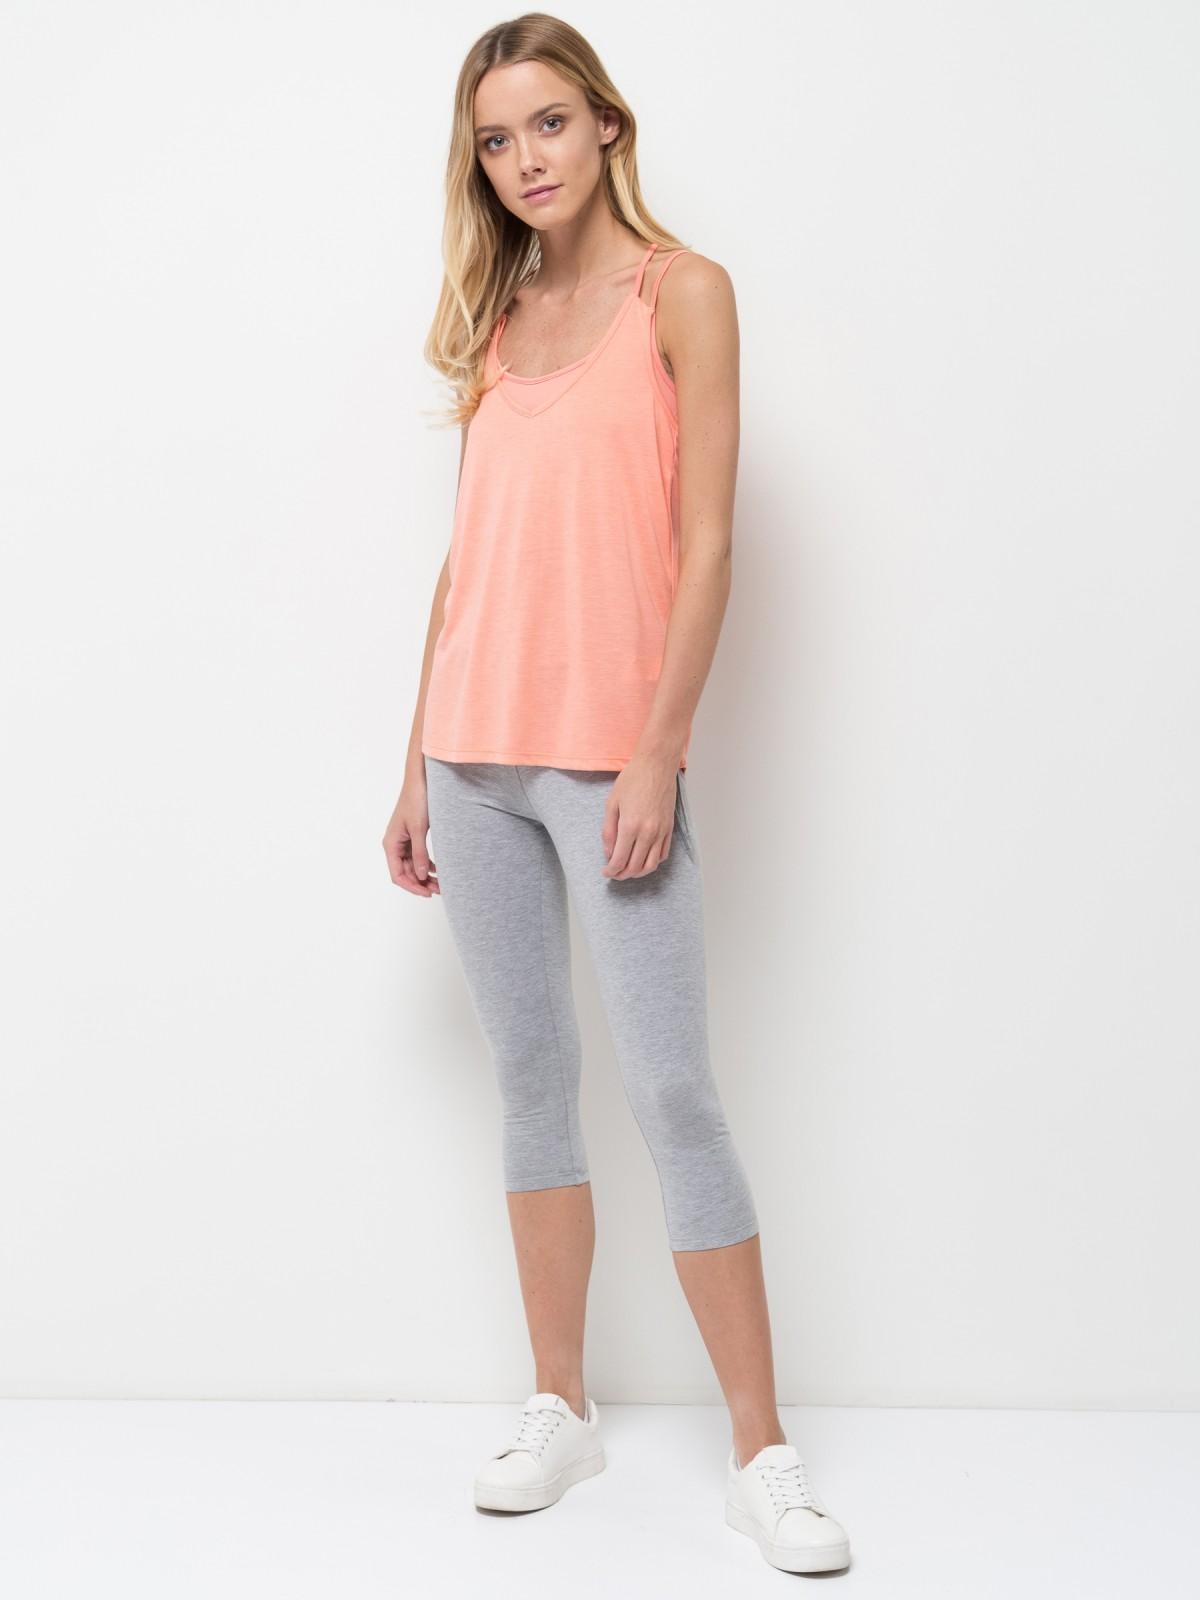 Майка женская Sela, цвет: бледно-оранжевый. Tsl-111/1252-7234. Размер XL (50)Tsl-111/1252-7234Оригинальная женская майка Sela, выполненная из качественного легкого материала, отлично подойдет для занятий спортом и для повседневной носки. Модель прямого кроя на бретельках с вшитым поддерживающим топом будет отлично сочетаться с джинсами, лосинами и шортами. Мягкая ткань на основе полиэстера и вискозы комфортна и приятна на ощупь.